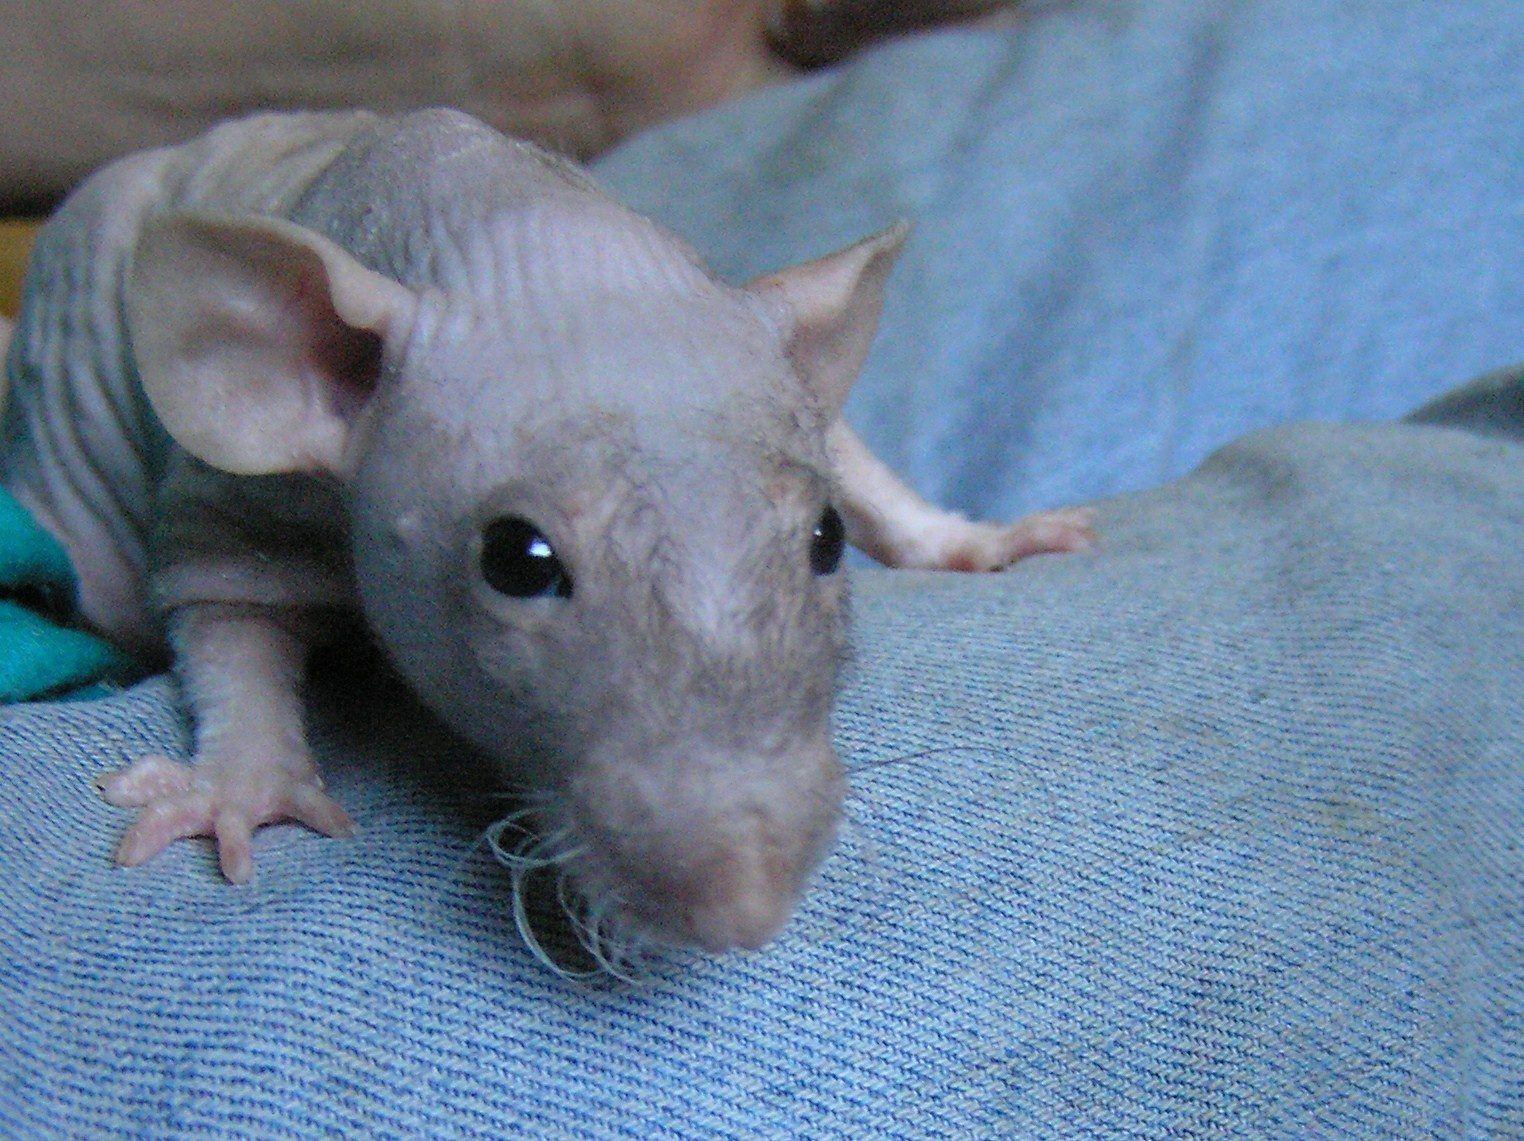 поэтому крыса дабл рекс фото исполнительный кожаный